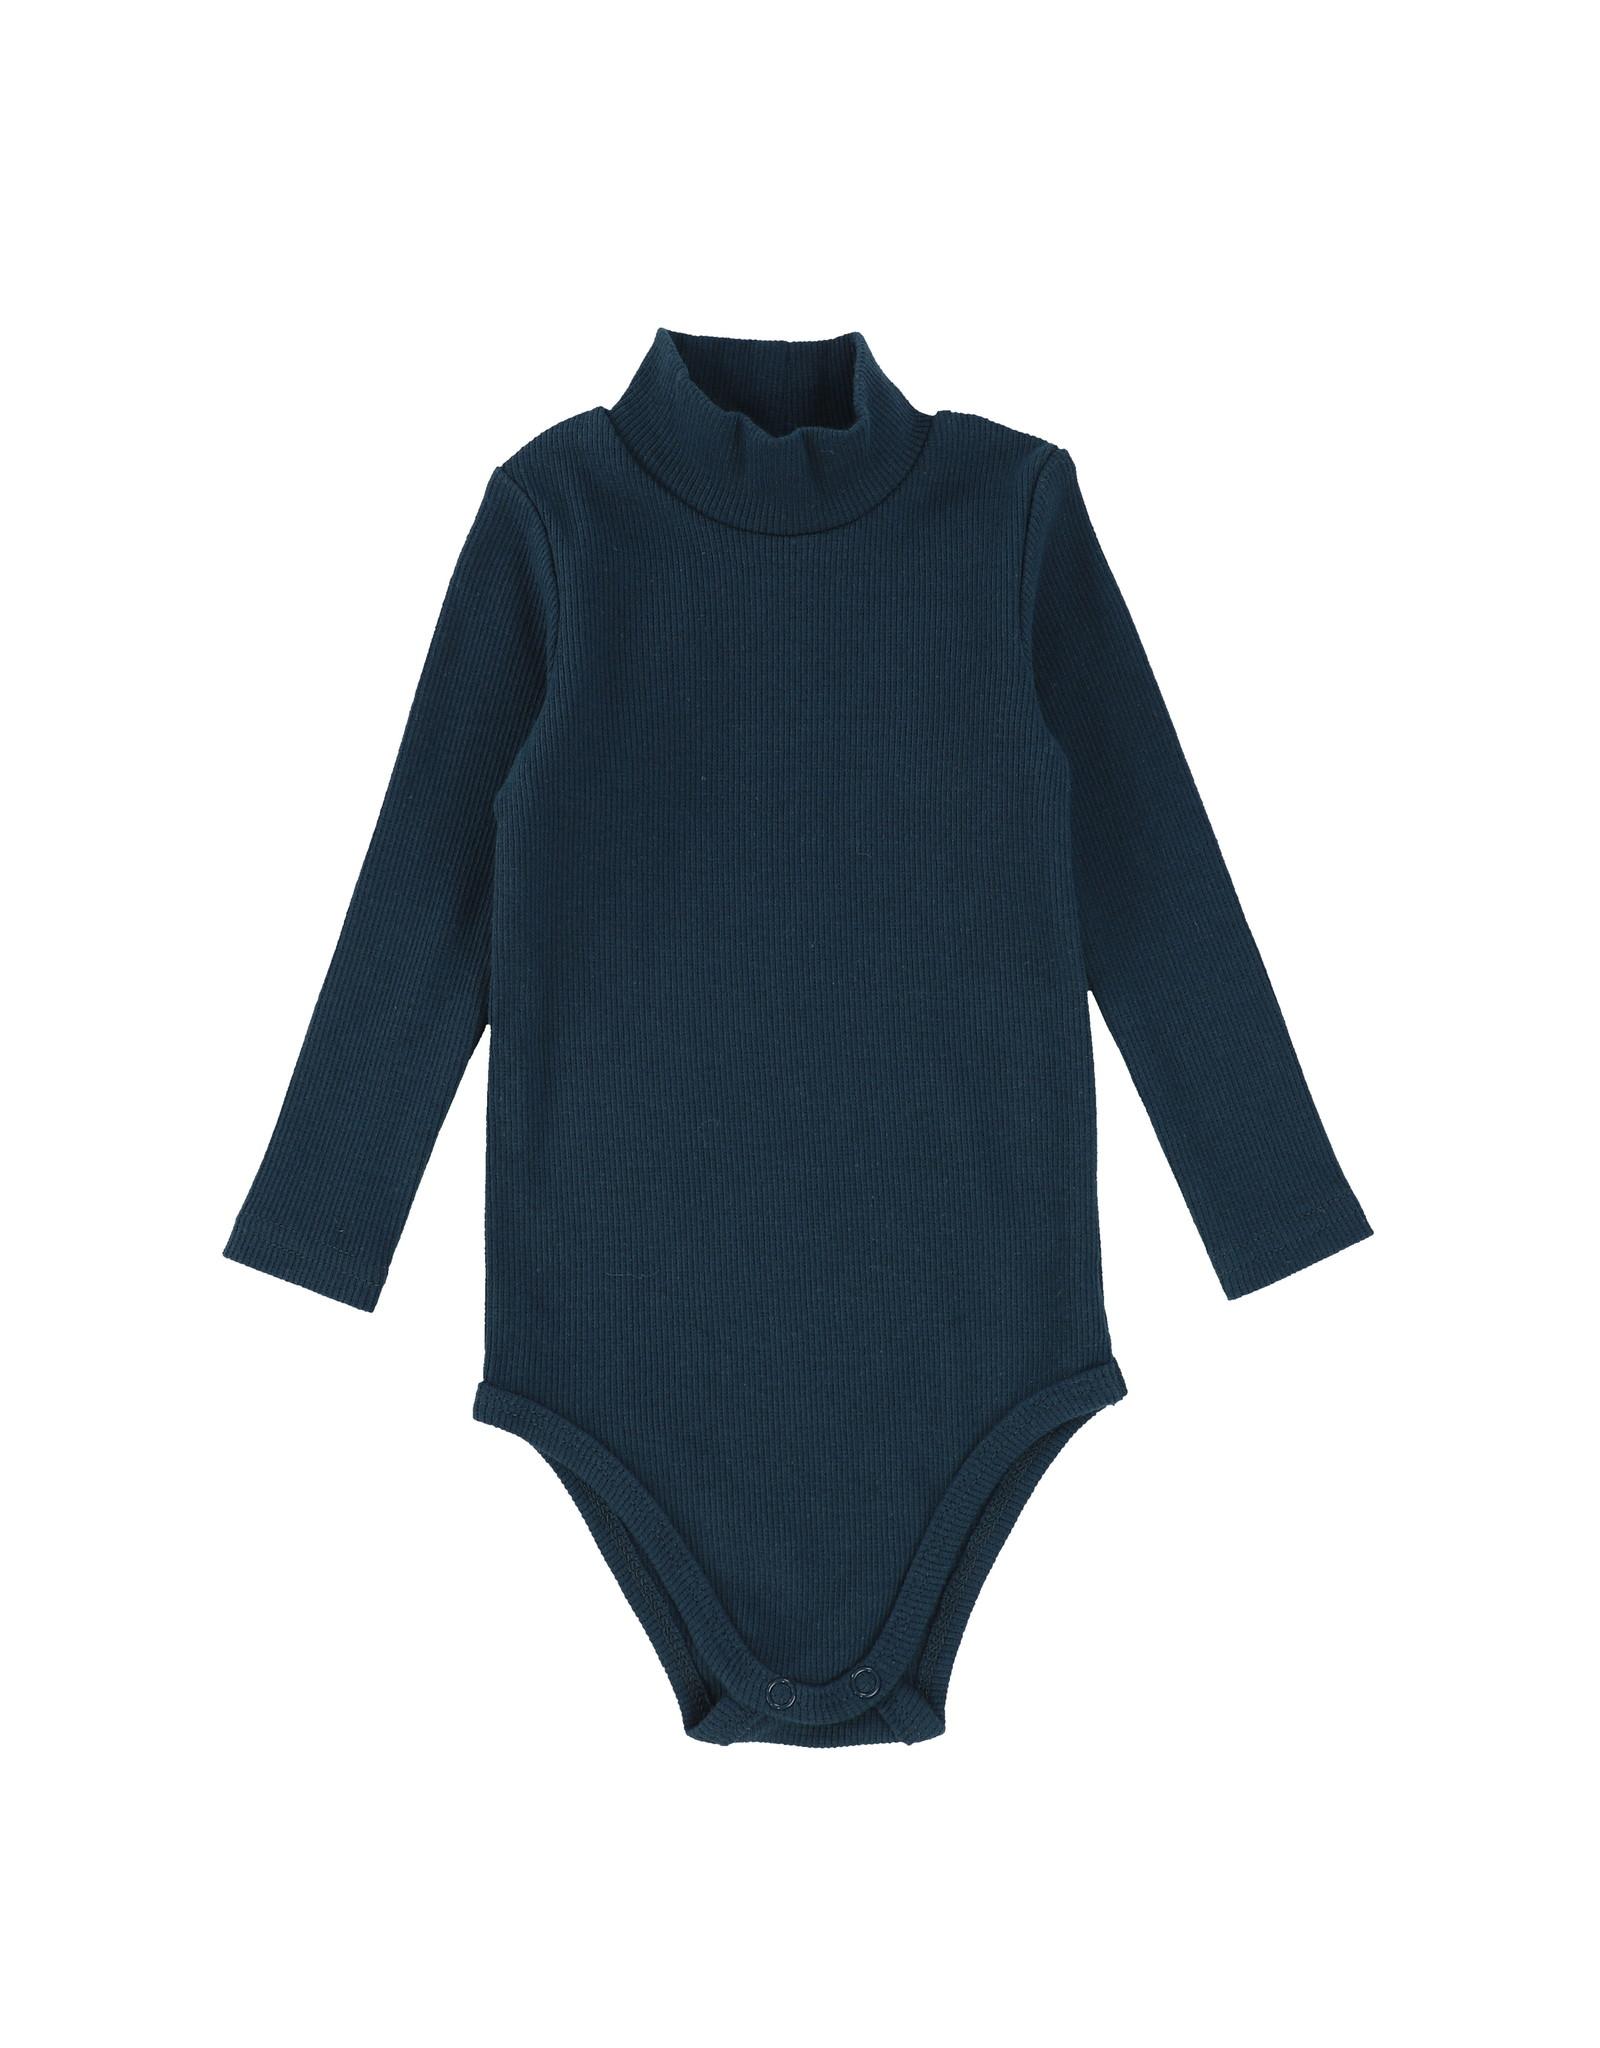 LIL LEGS FW20 Rib Turtleneck Onsie Fashion Colors